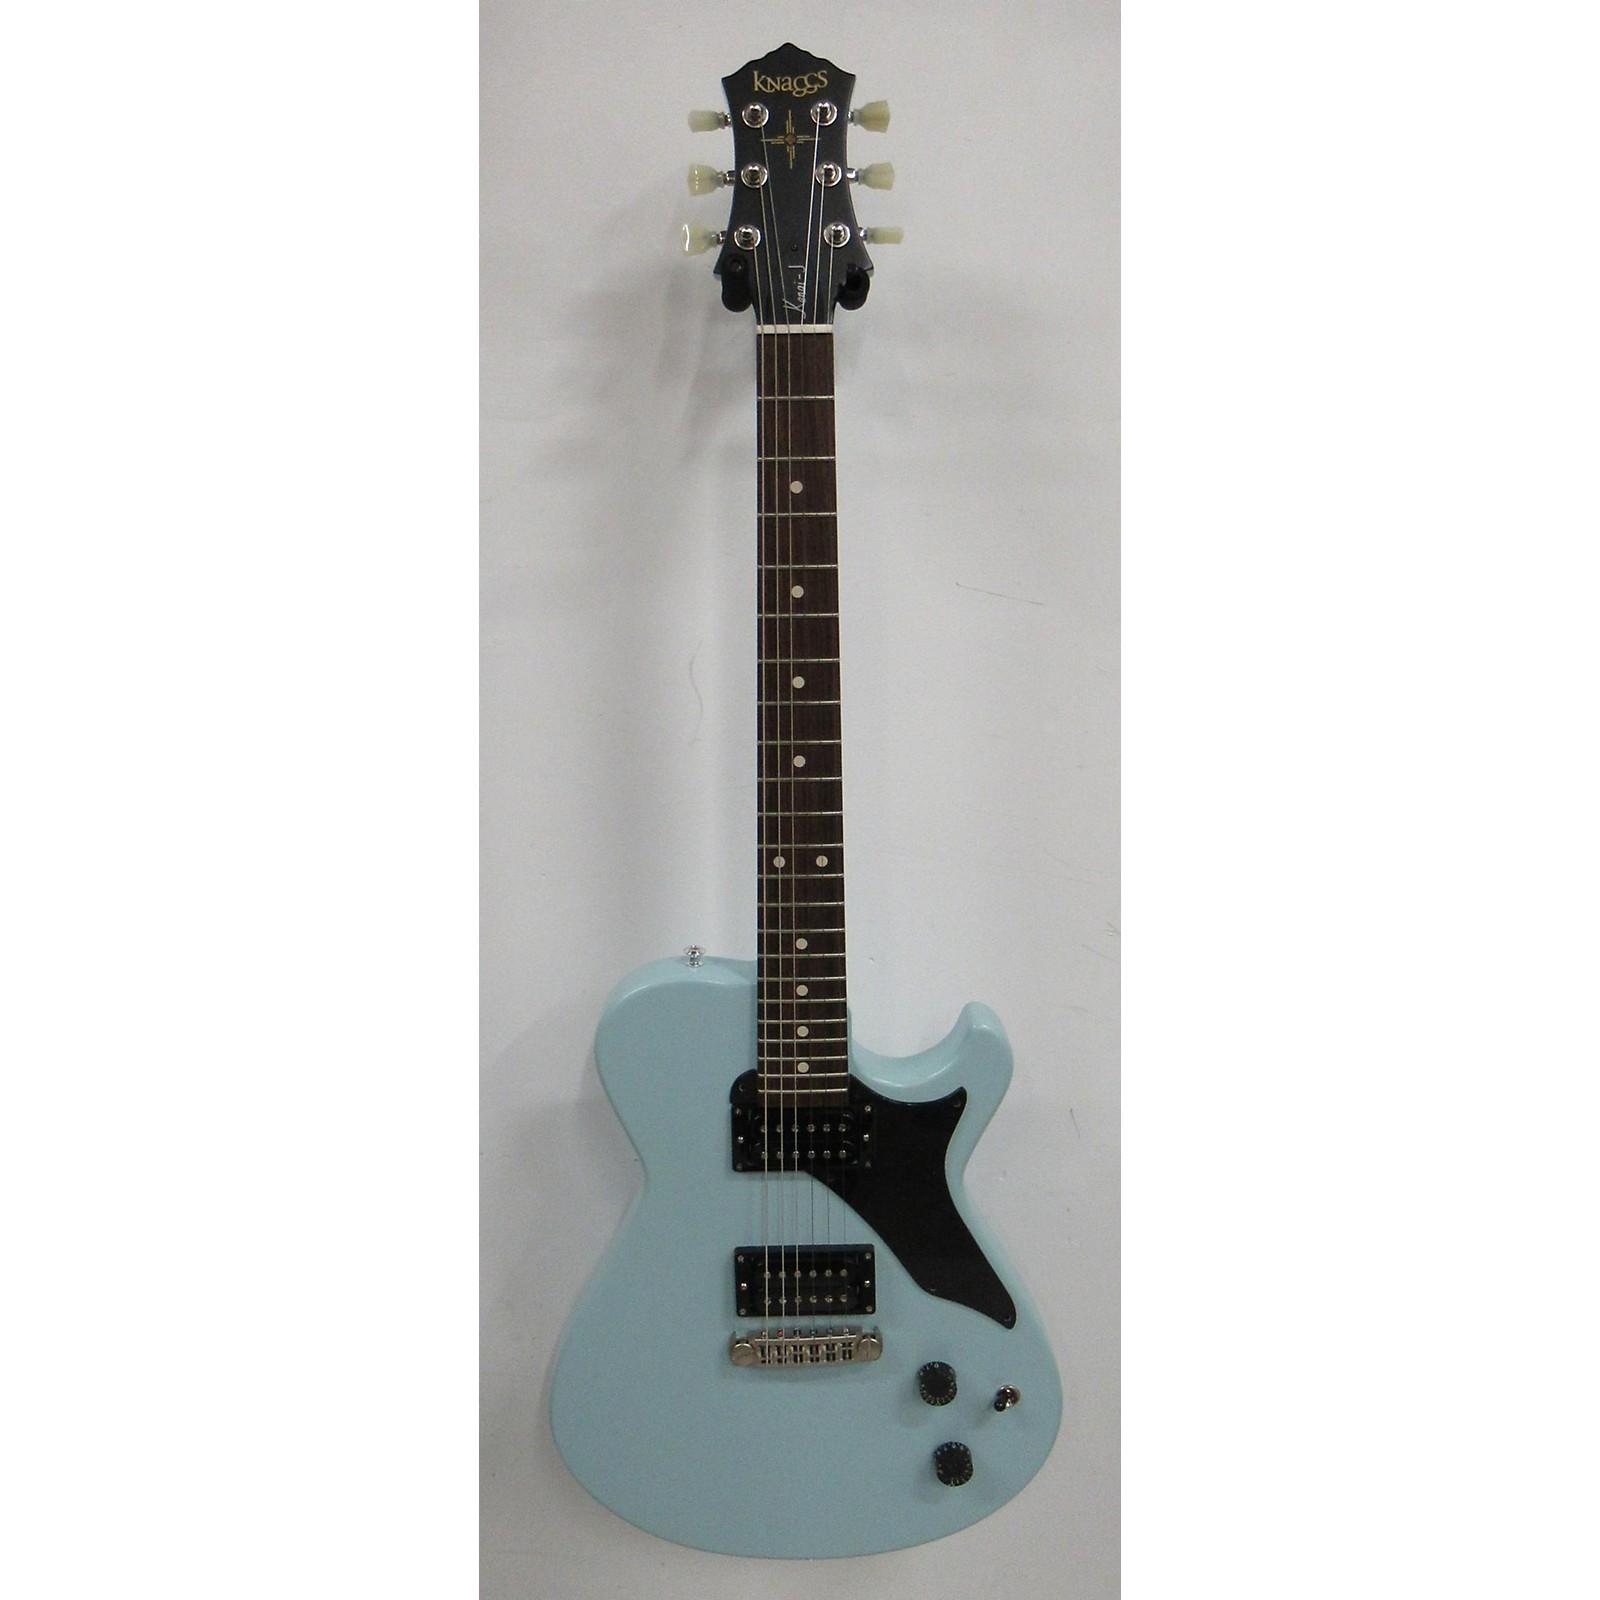 Knaggs 2019 Kenai J H2 Solid Body Electric Guitar